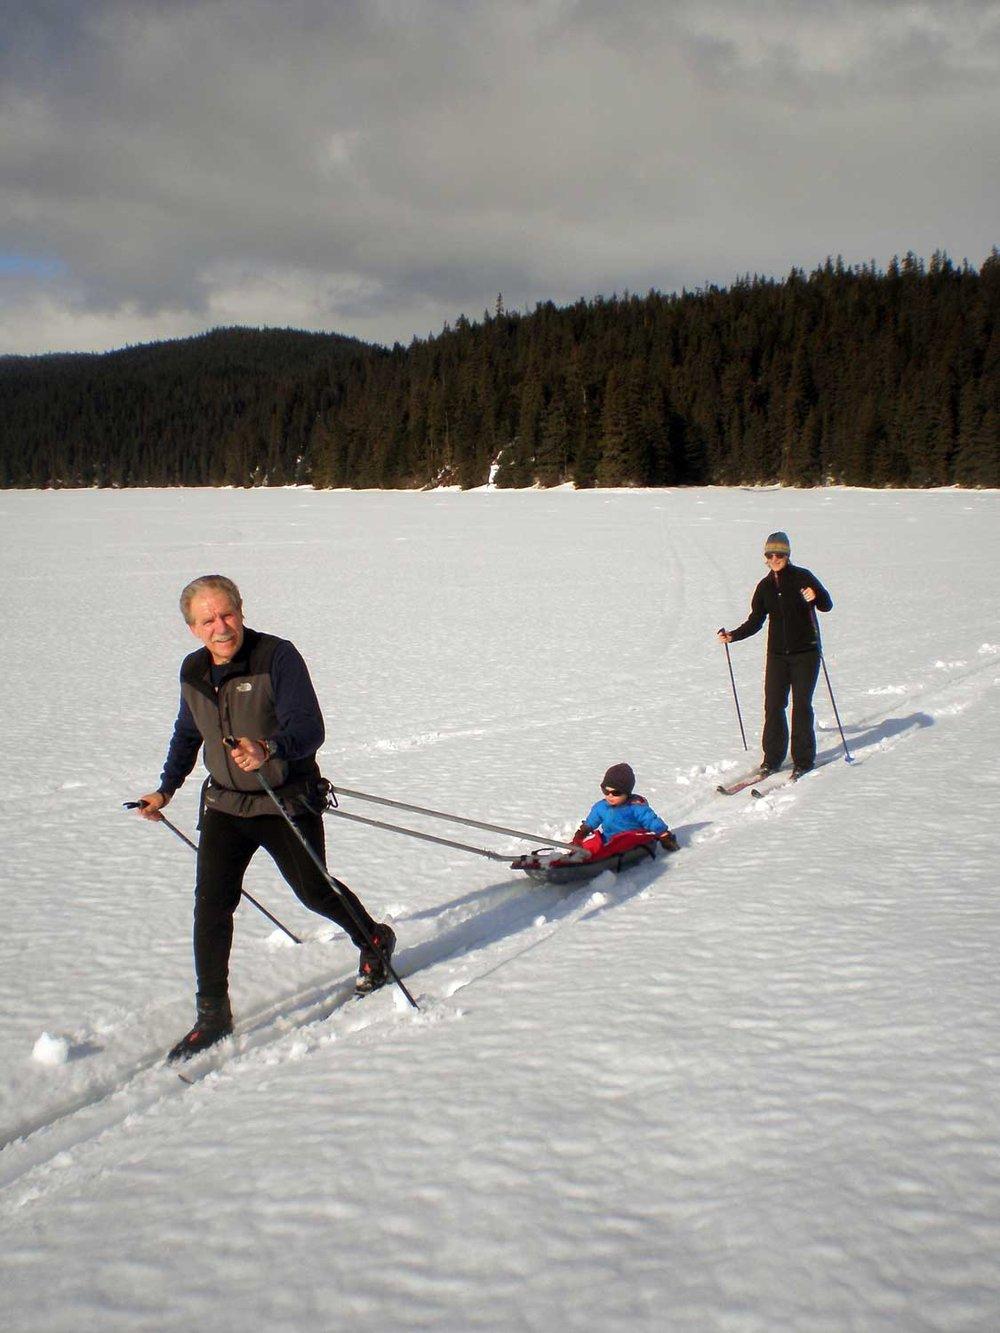 Towing-Kid-Skiing-Bear-Lake.jpg